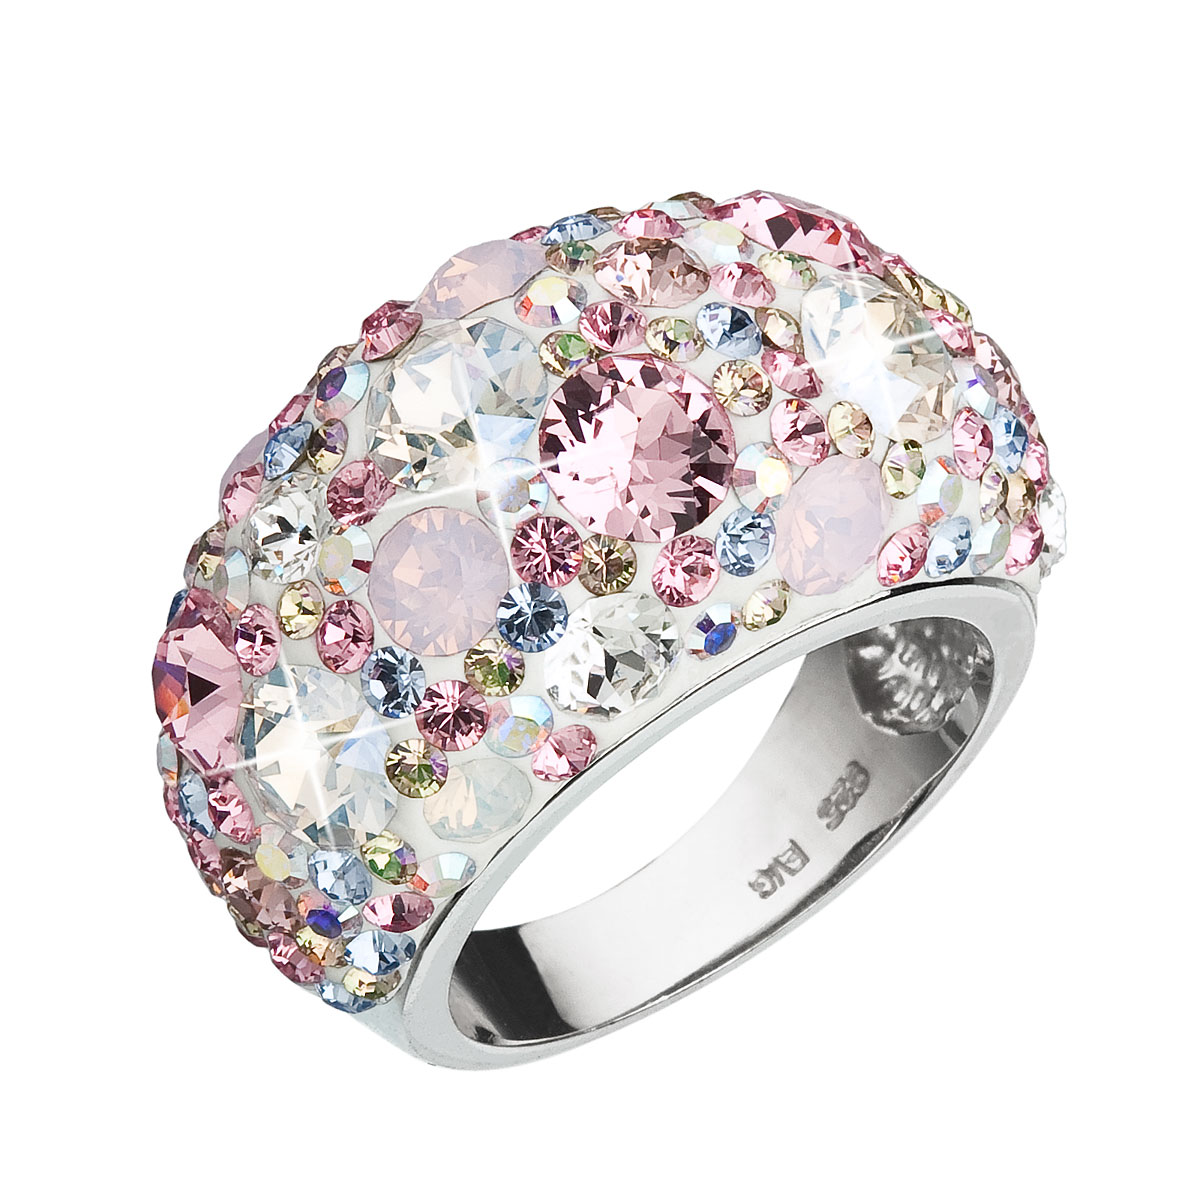 Strieborný prsteň s krištáľmi Swarovski ružový 35028.3